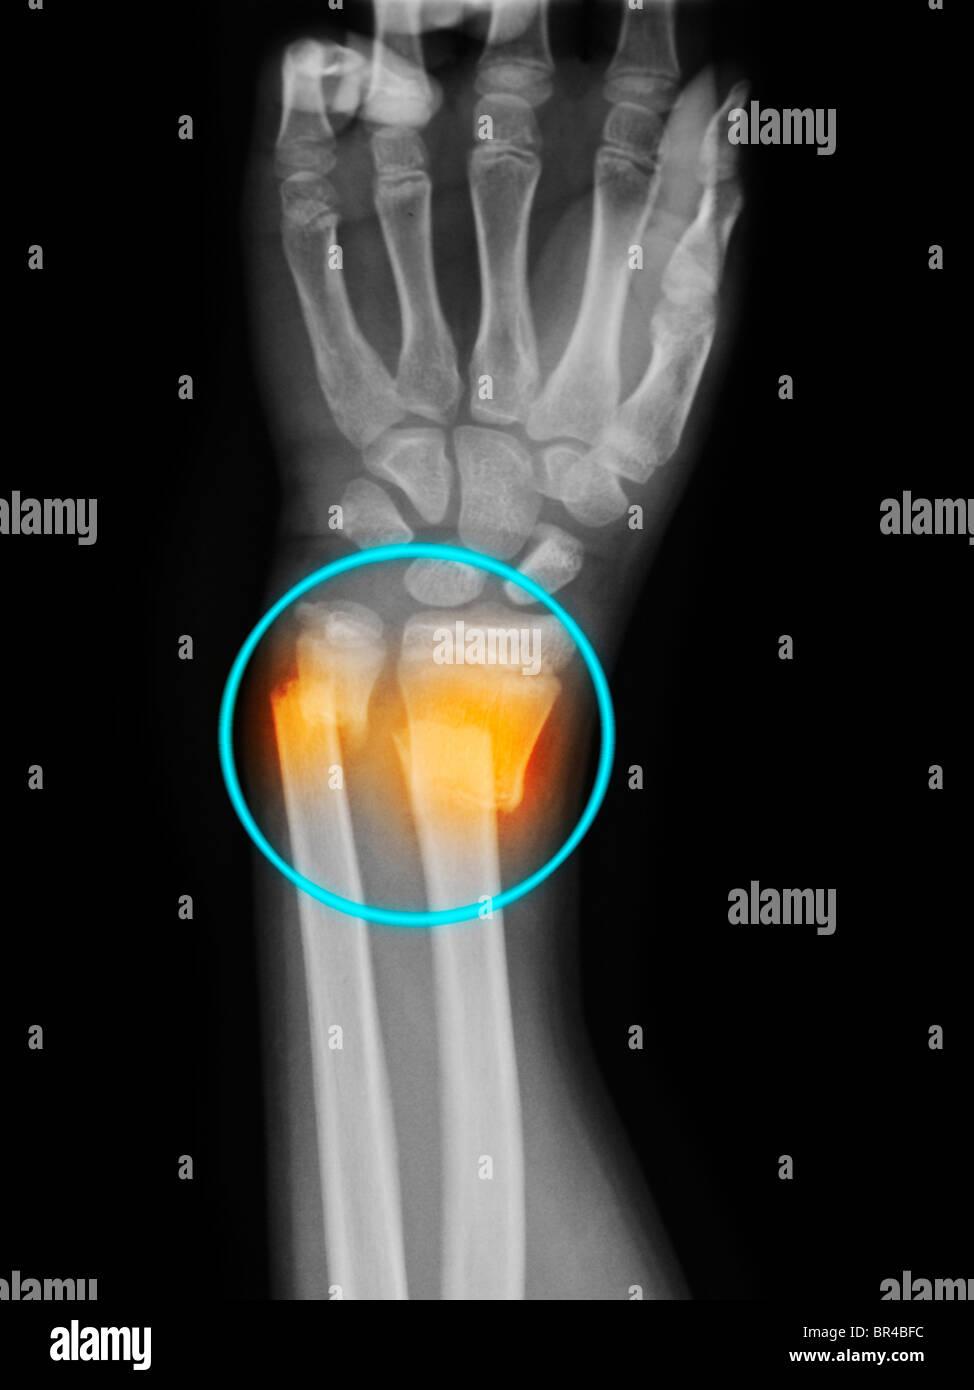 Broken Ulna Stock Photos & Broken Ulna Stock Images - Alamy